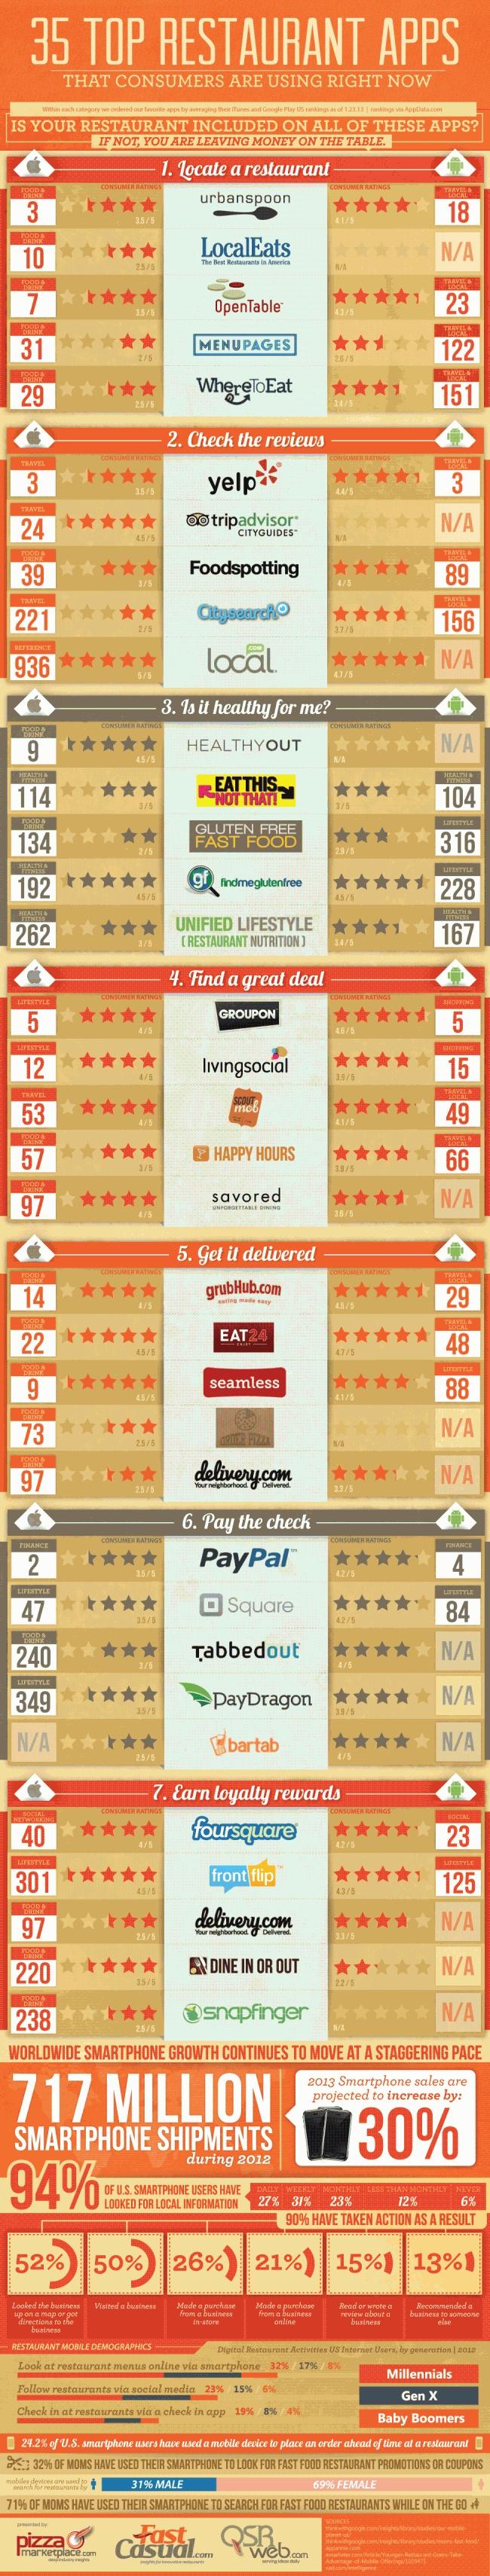 top restaurants infographic